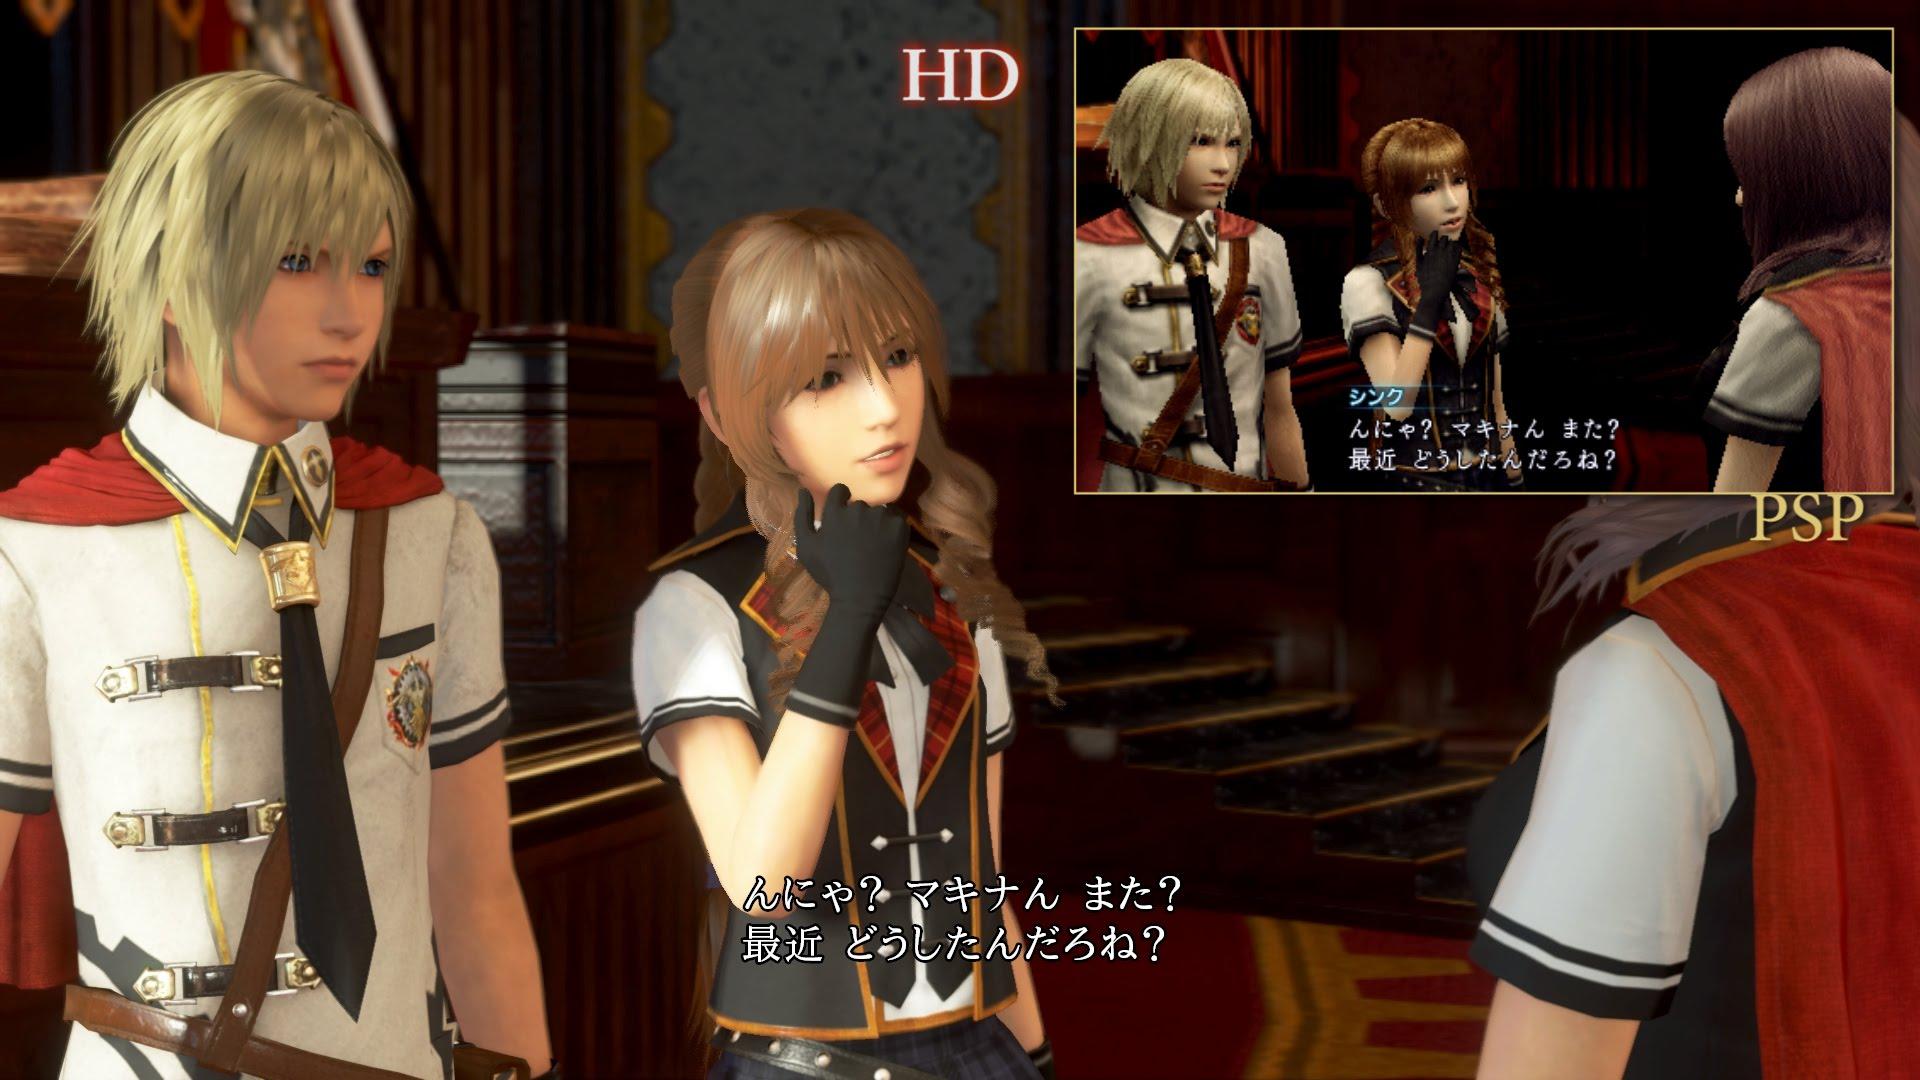 『ファイナルファンタジー零式HD』より違いを分かりやすくしたPSP版との比較動画が公開!